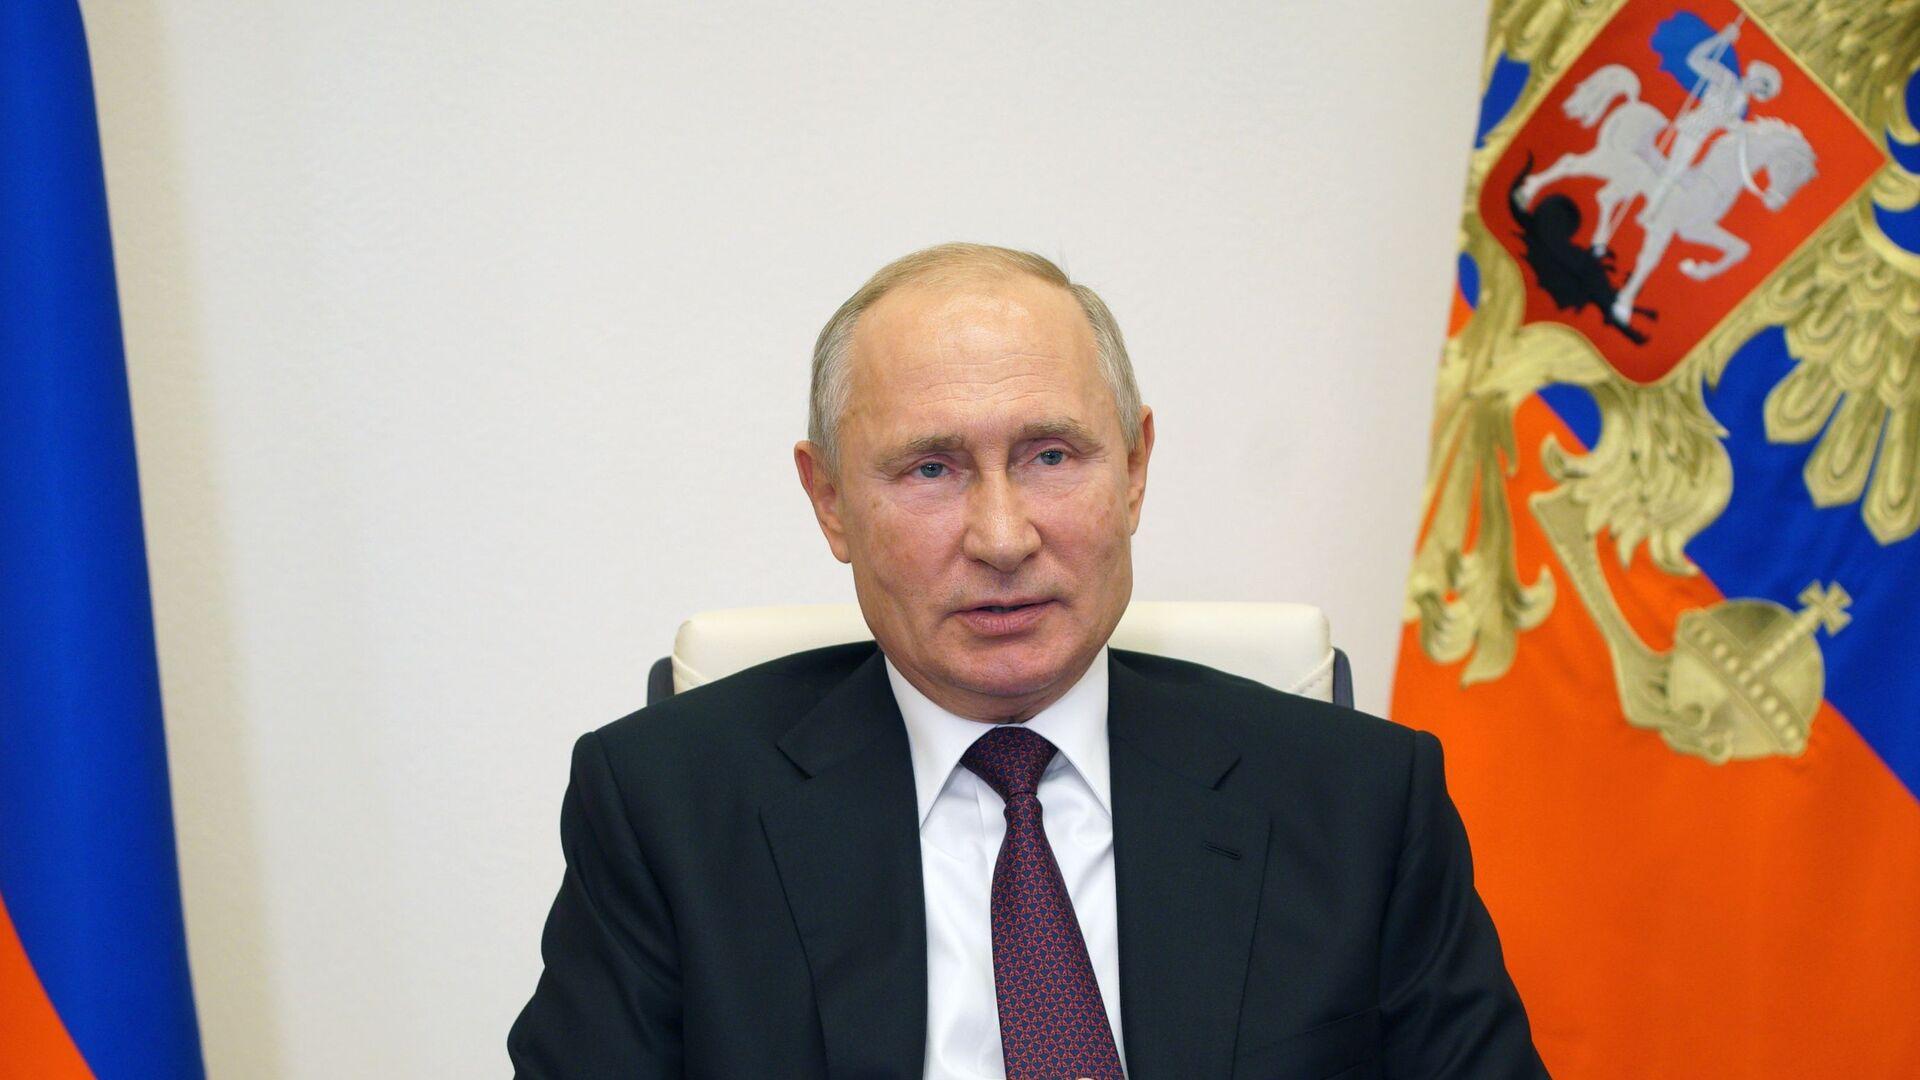 Vladímir Putin, el presidente de Rusia - Sputnik Mundo, 1920, 24.03.2021